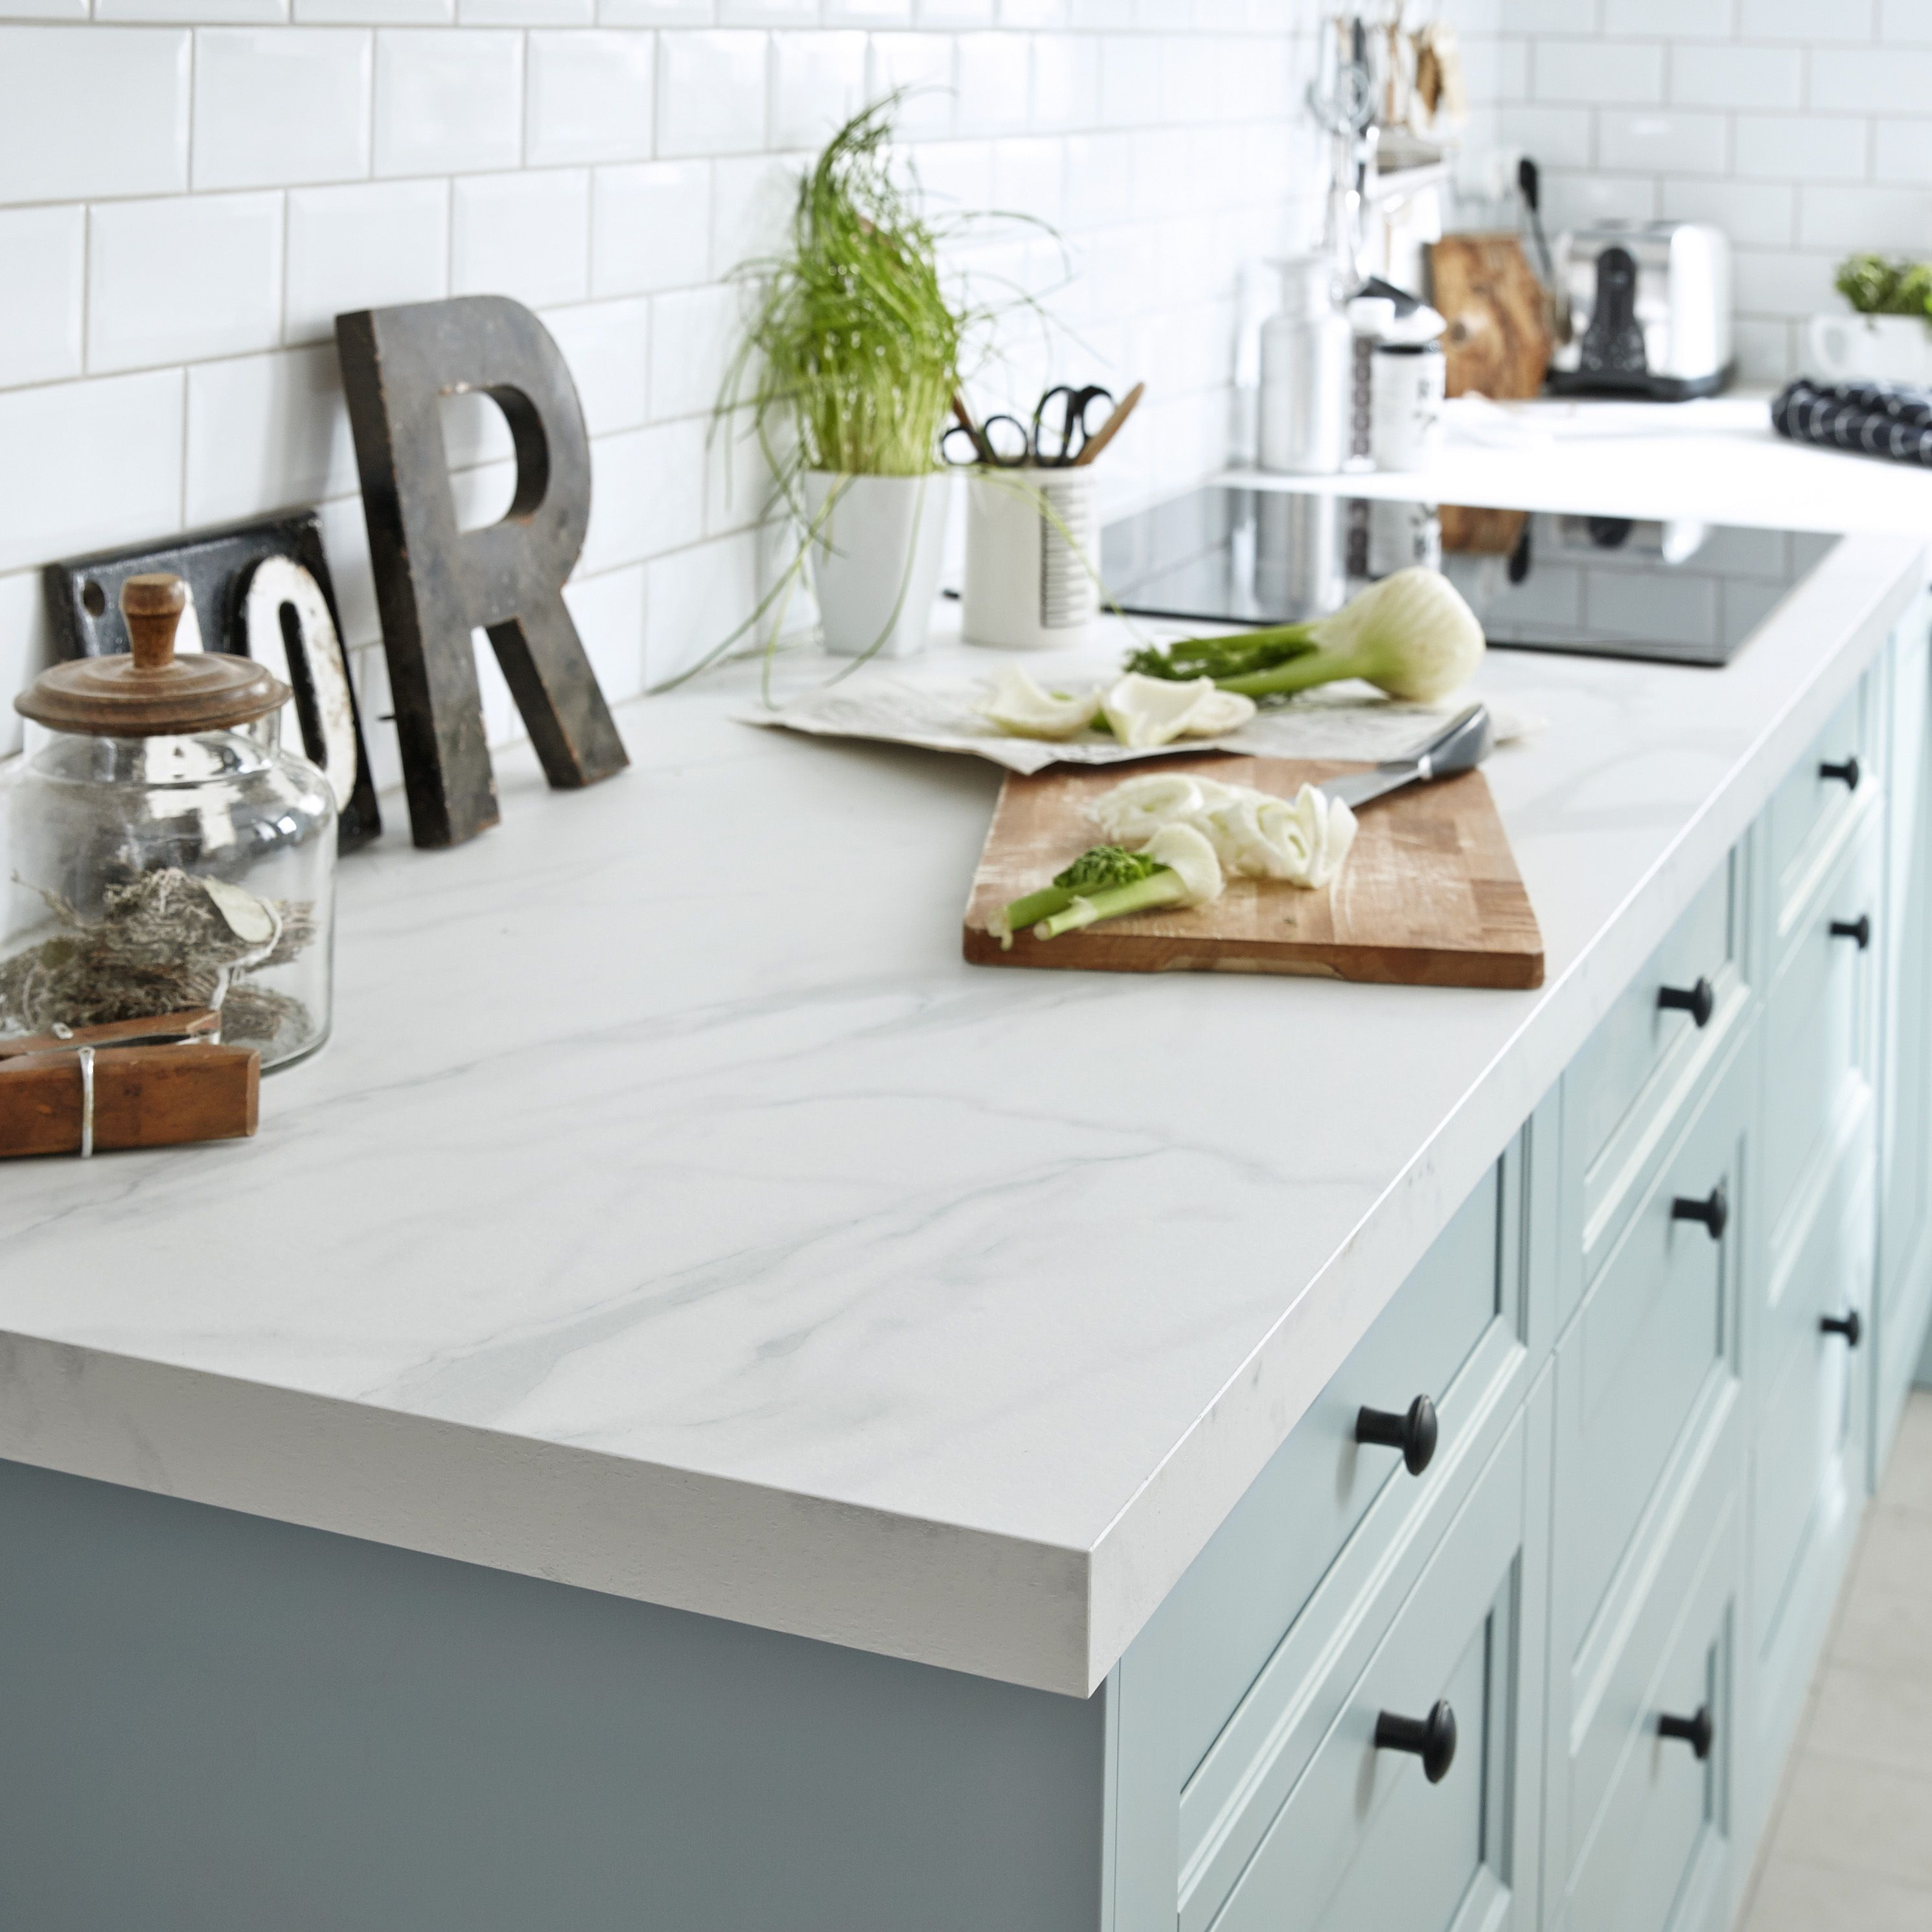 Une Cuisine Moderne Bleue Avec Ilot Central L Elegance A L Anglaise Modele Ashford Cuisine Moderne Kitchen Marbre Blanc Plan De Travail Cuisine Moderne